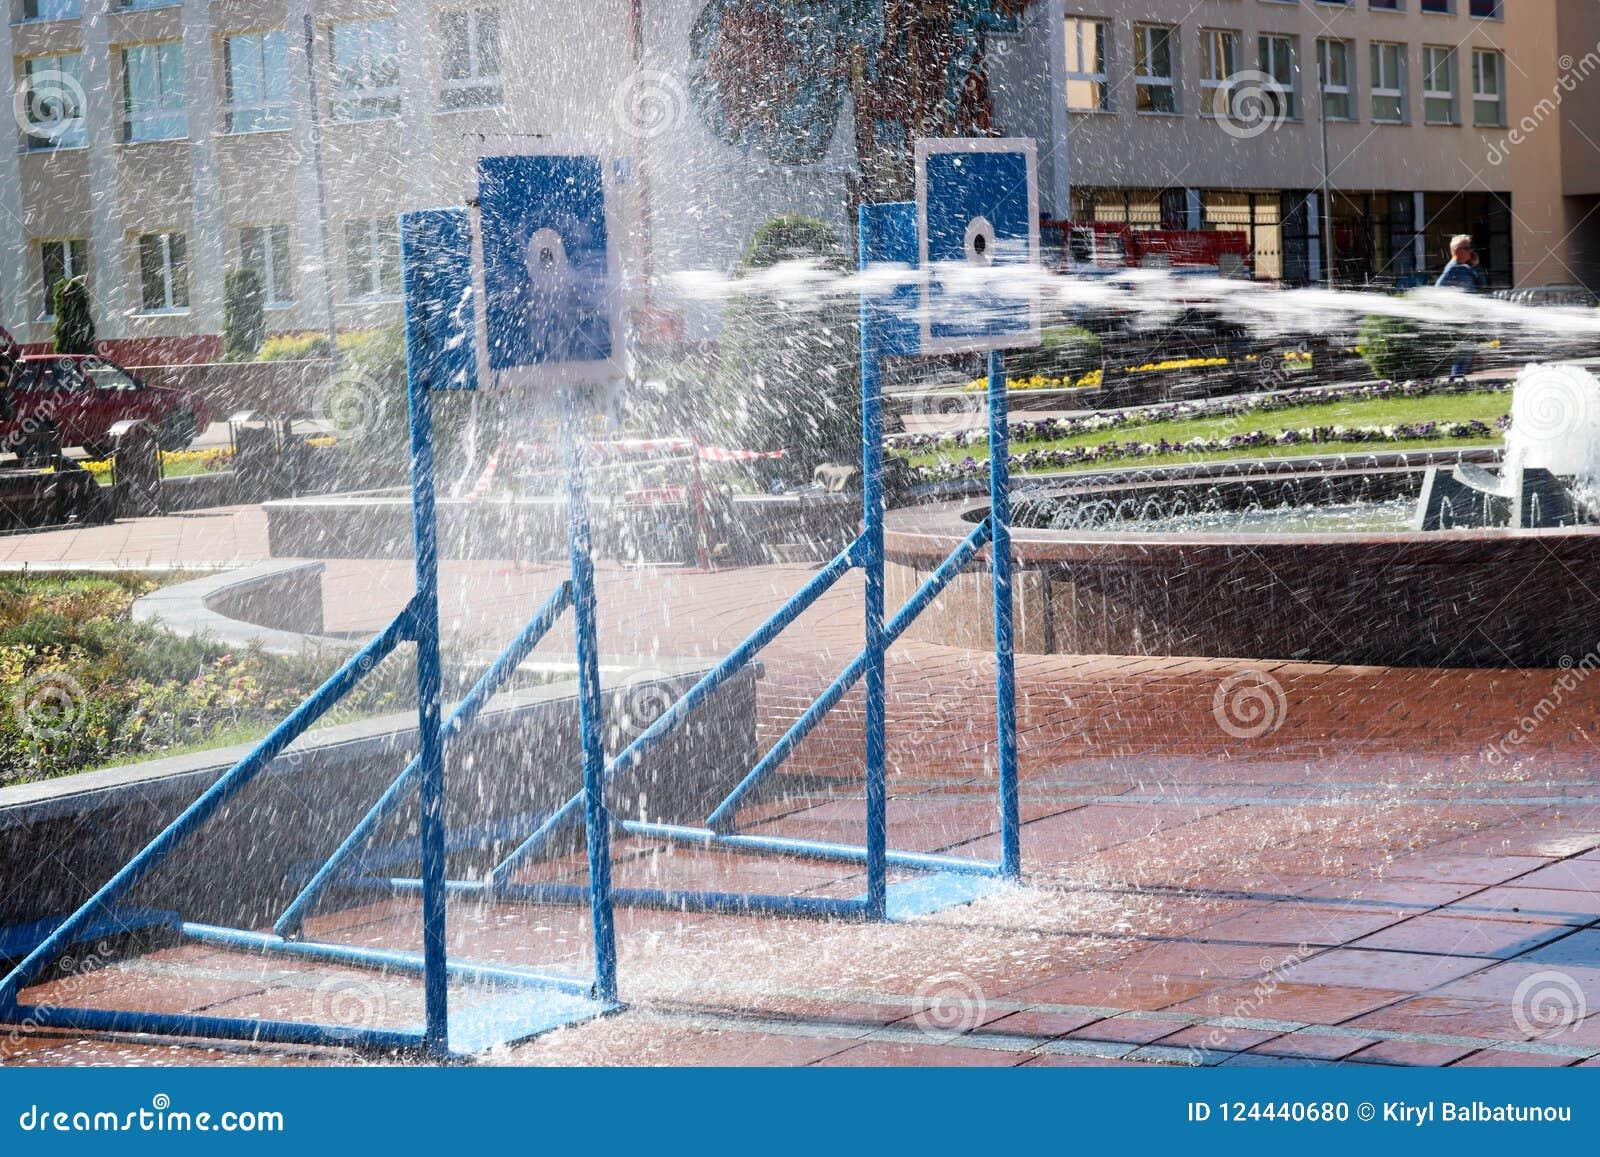 Una corrente di acqua bagnata e potente spruzza e tiri all obiettivo, con molta pressione sulla via all attrazione